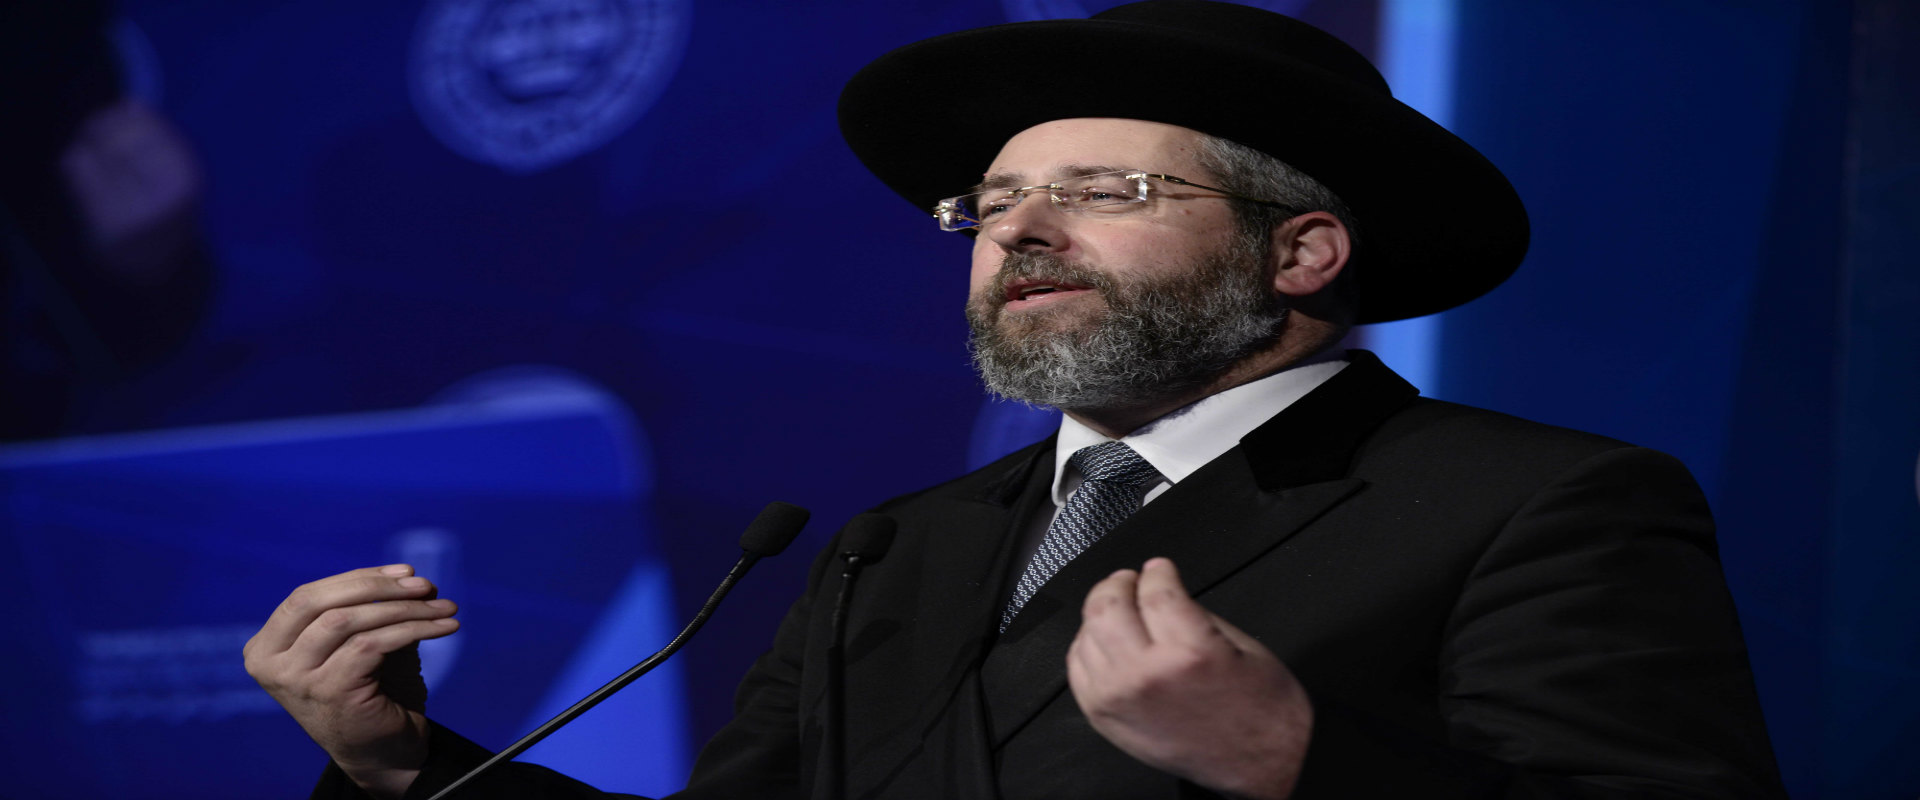 הרב הראשי לישראל דוד לאו, אוגוסט 2016